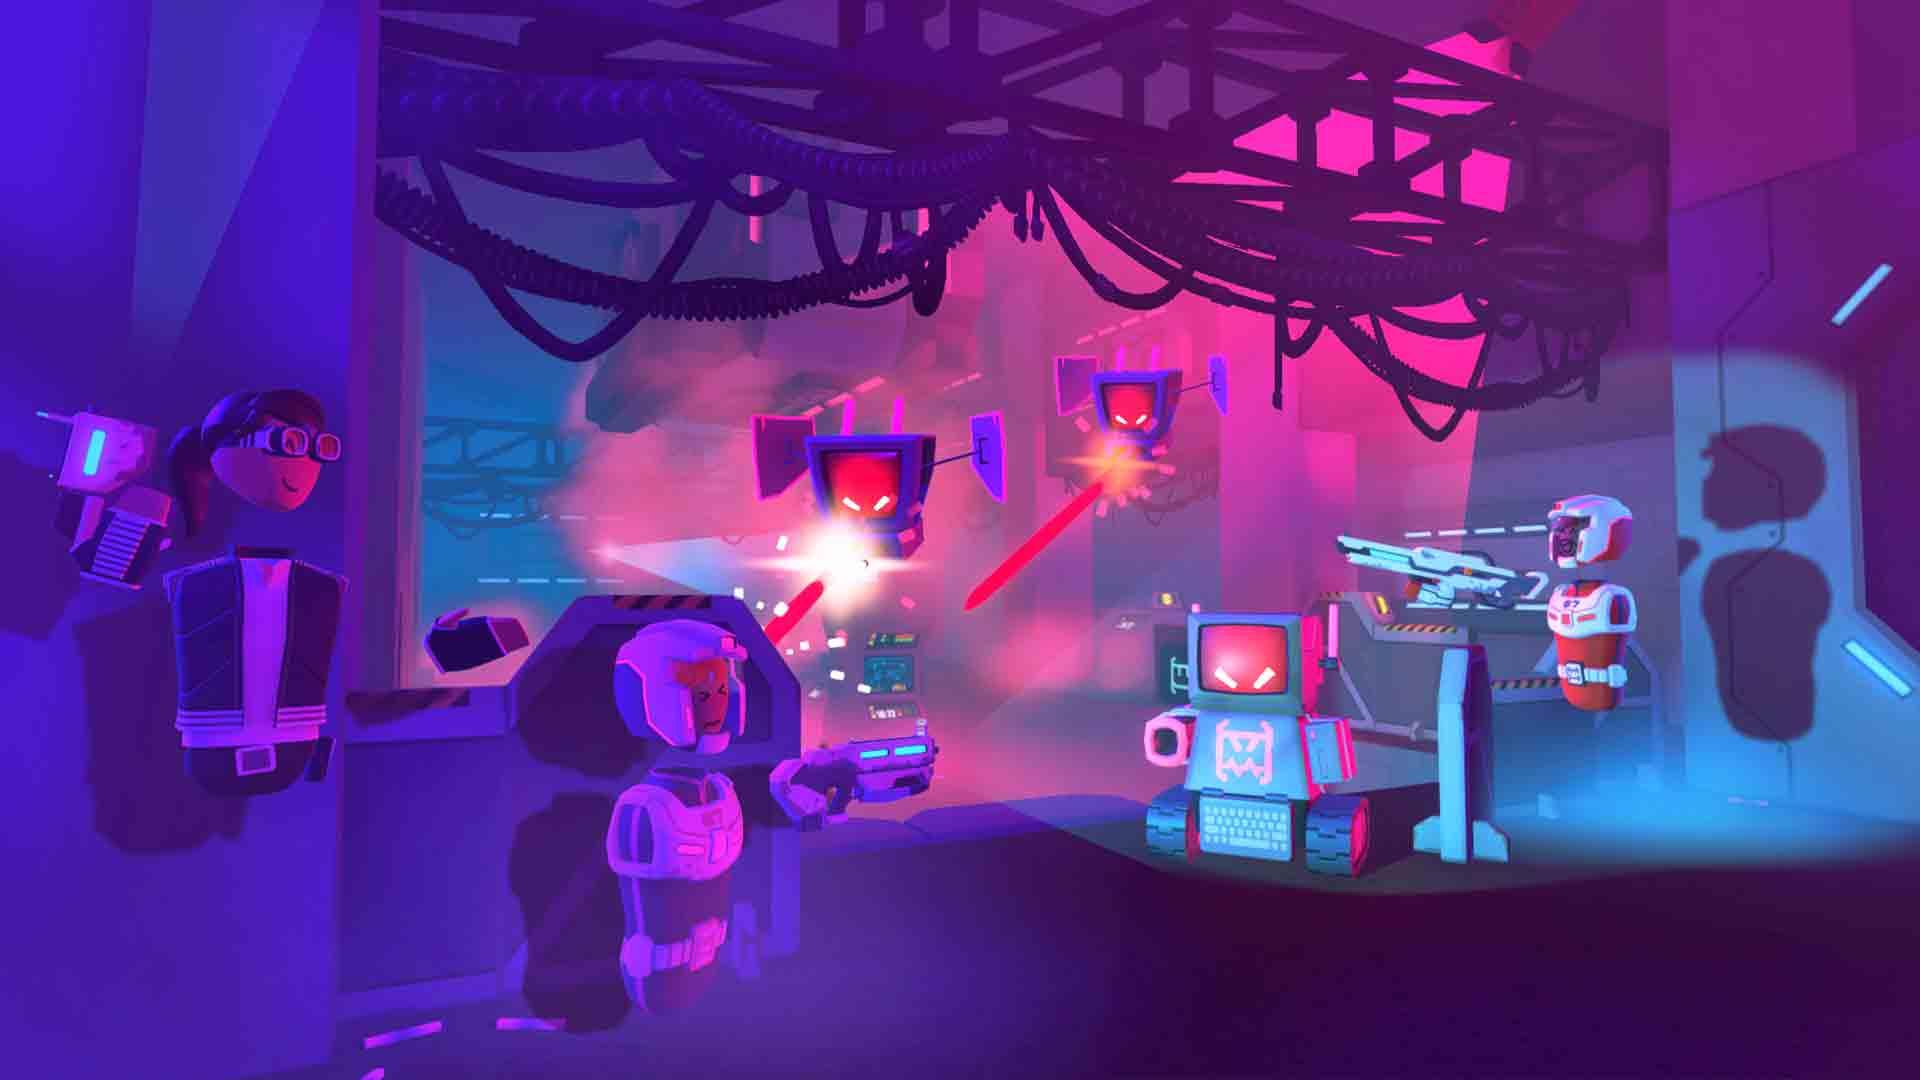 REC Room annoncé sur PlayStation VR